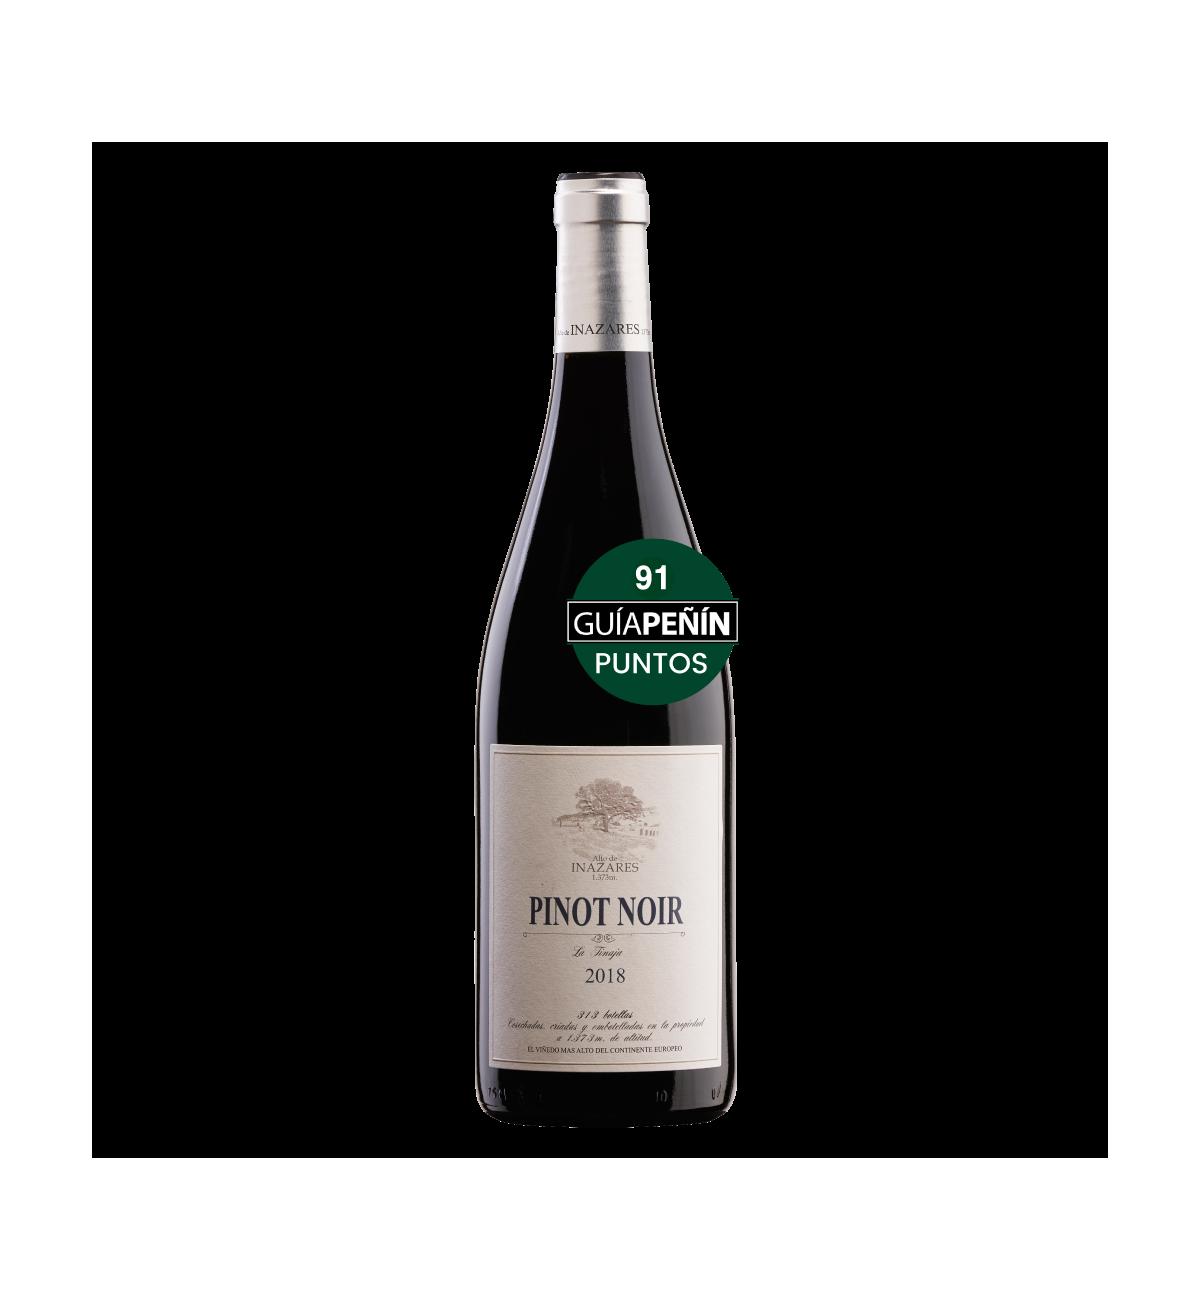 Pinot Noir 2018 * Vino tinto, Alto de Inazares